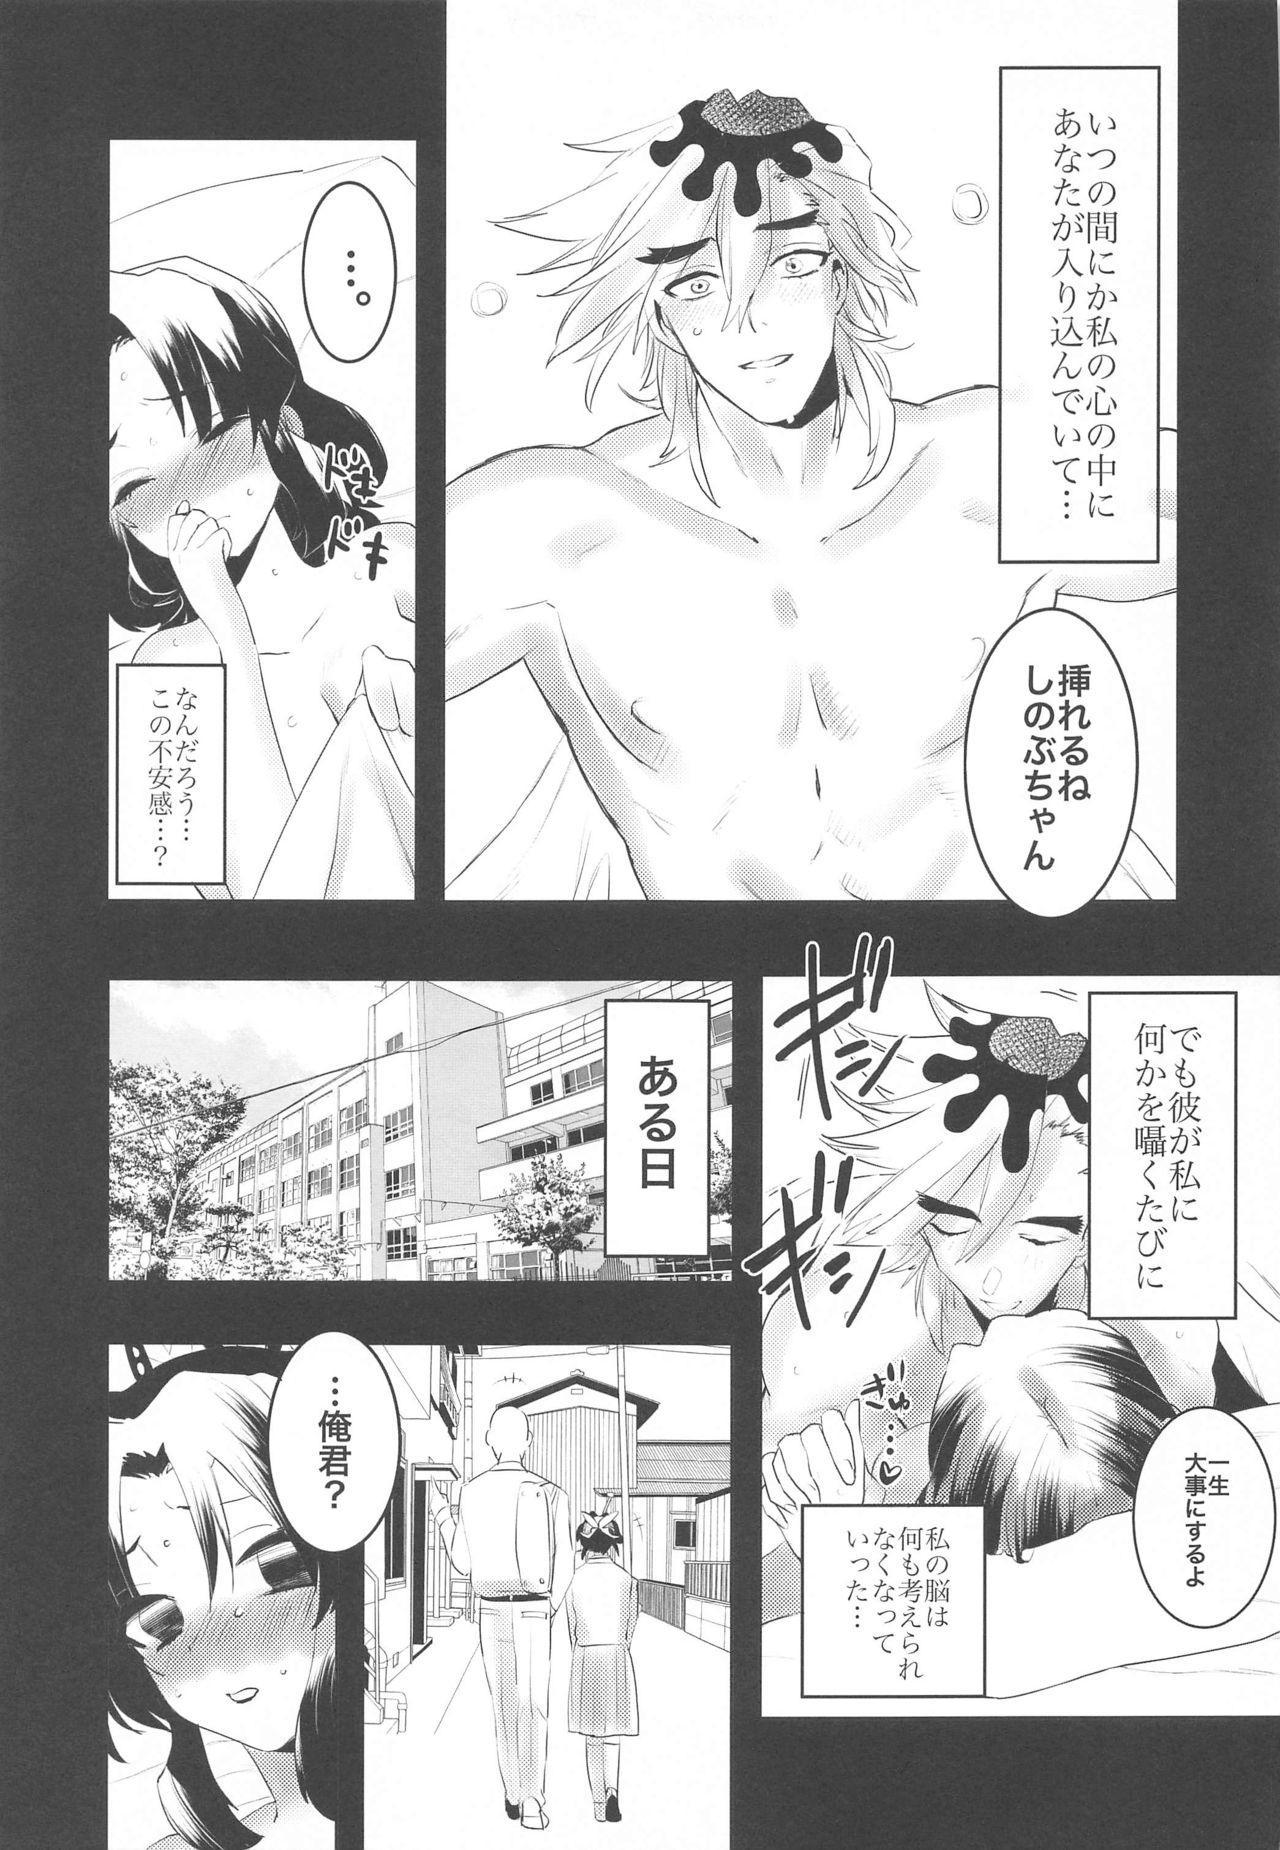 Watashi, Kono Hito ni Otosaremashita. 17